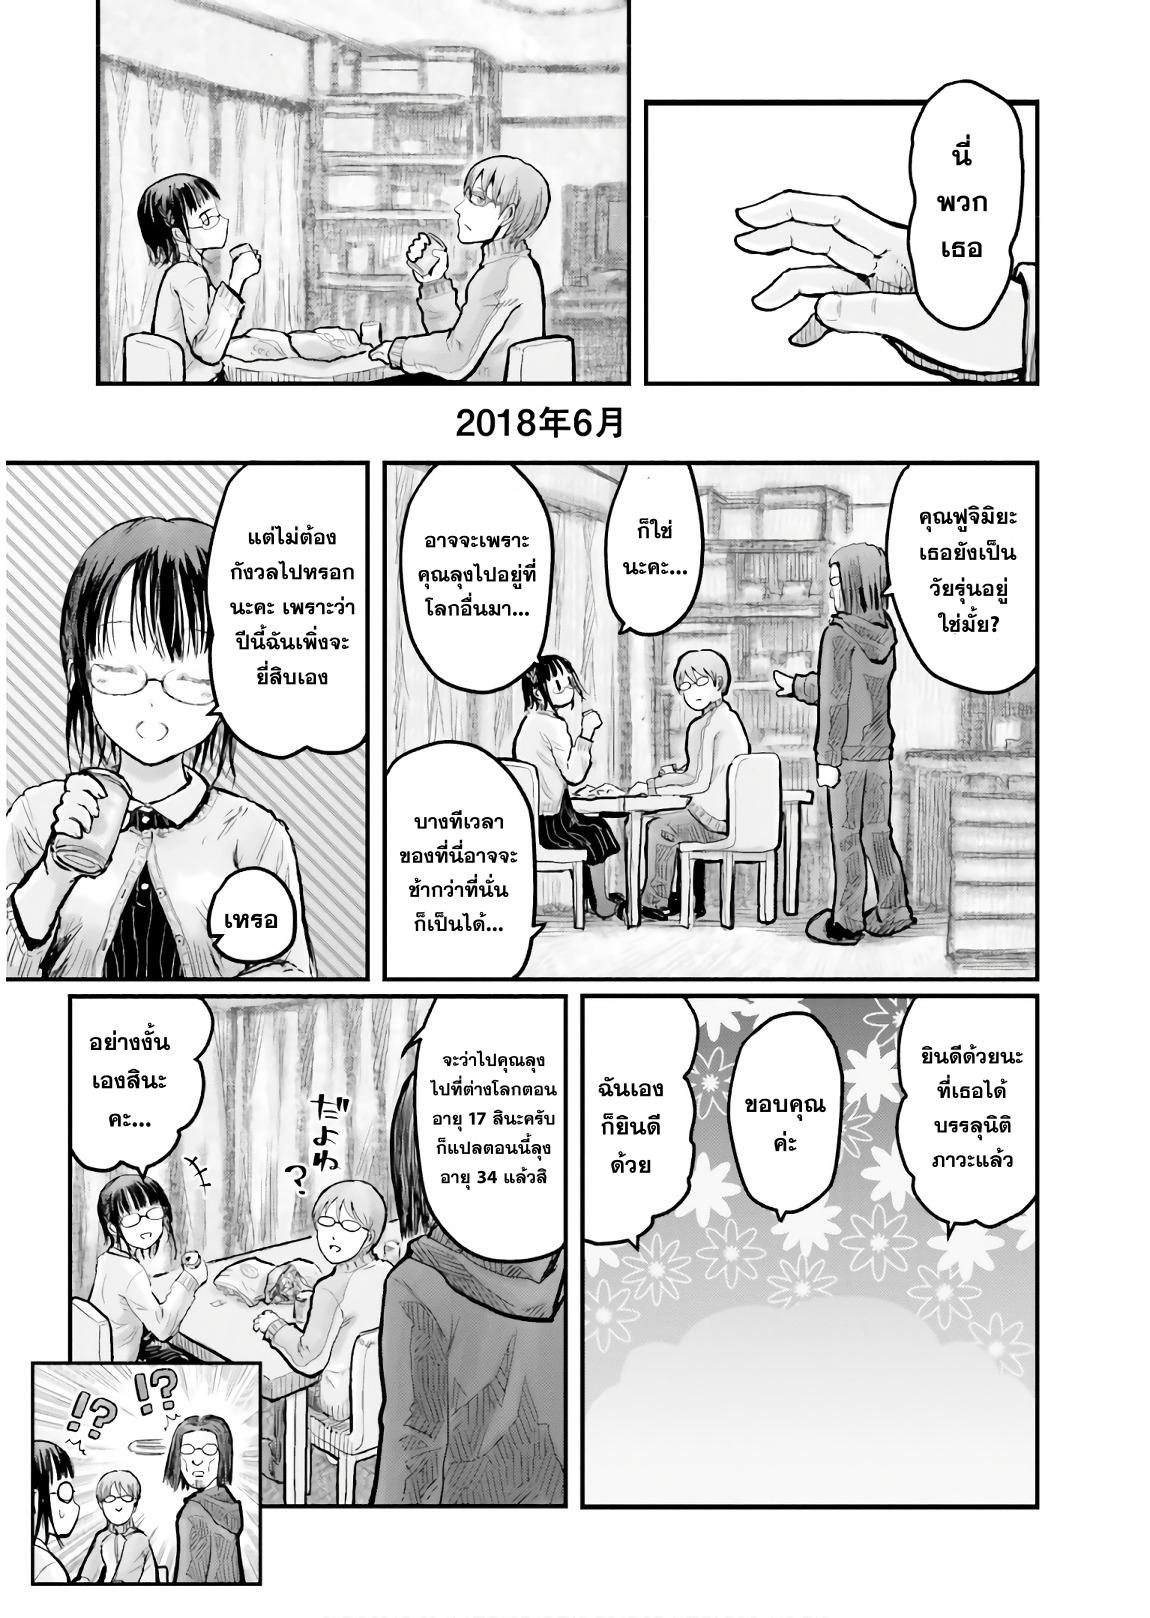 อ่านการ์ตูน Isekai Ojisan ตอนที่ 12 หน้าที่ 2